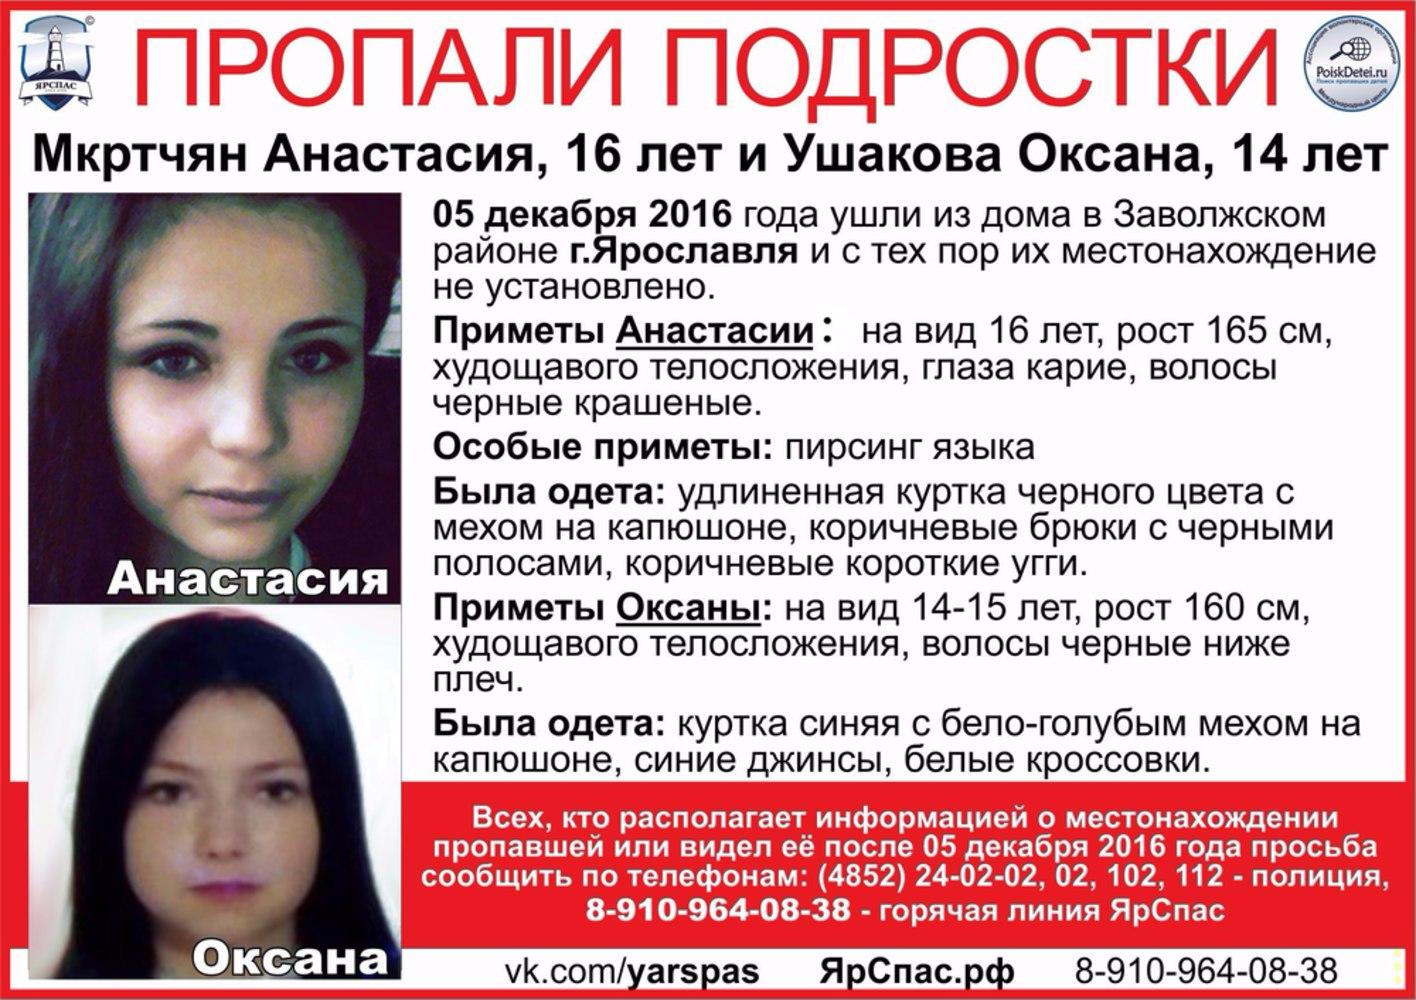 ВЗаволжском районе Ярославле пропали две несовершеннолетние девушки